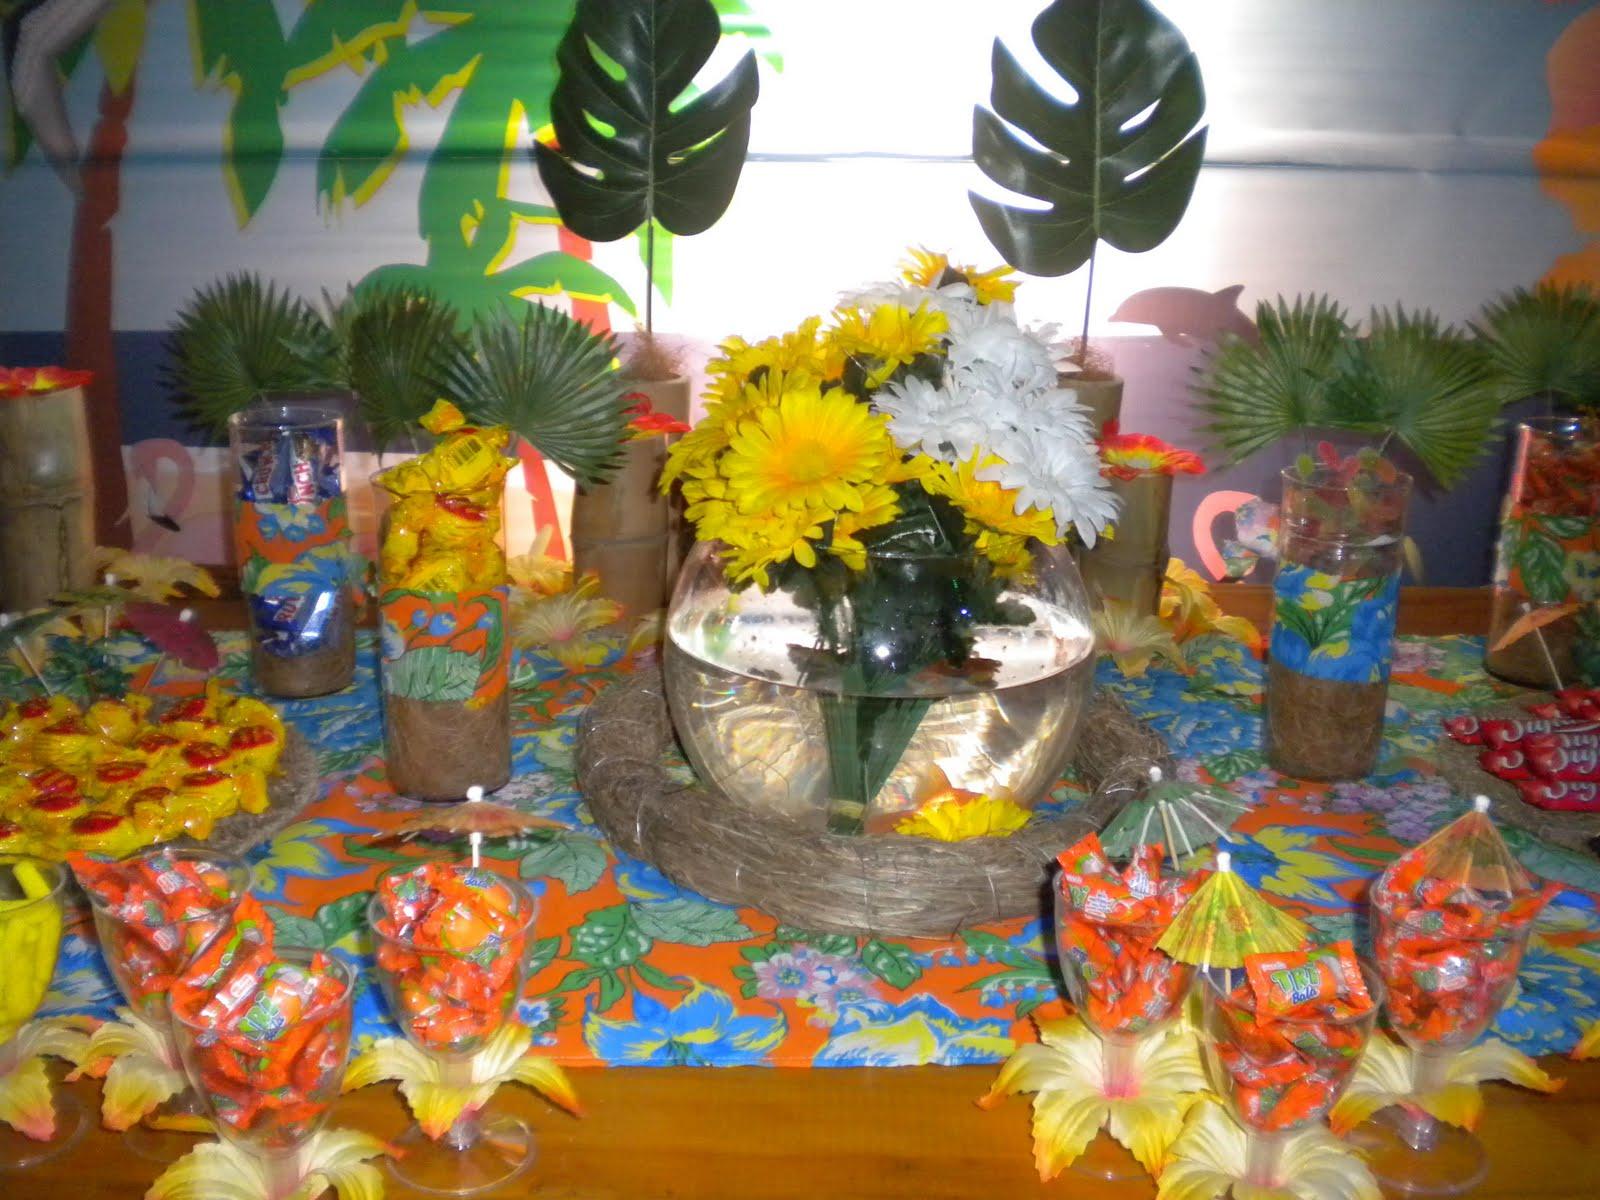 dani flores jardim ms:No centro da mesa um aquario com peixes japoneses.